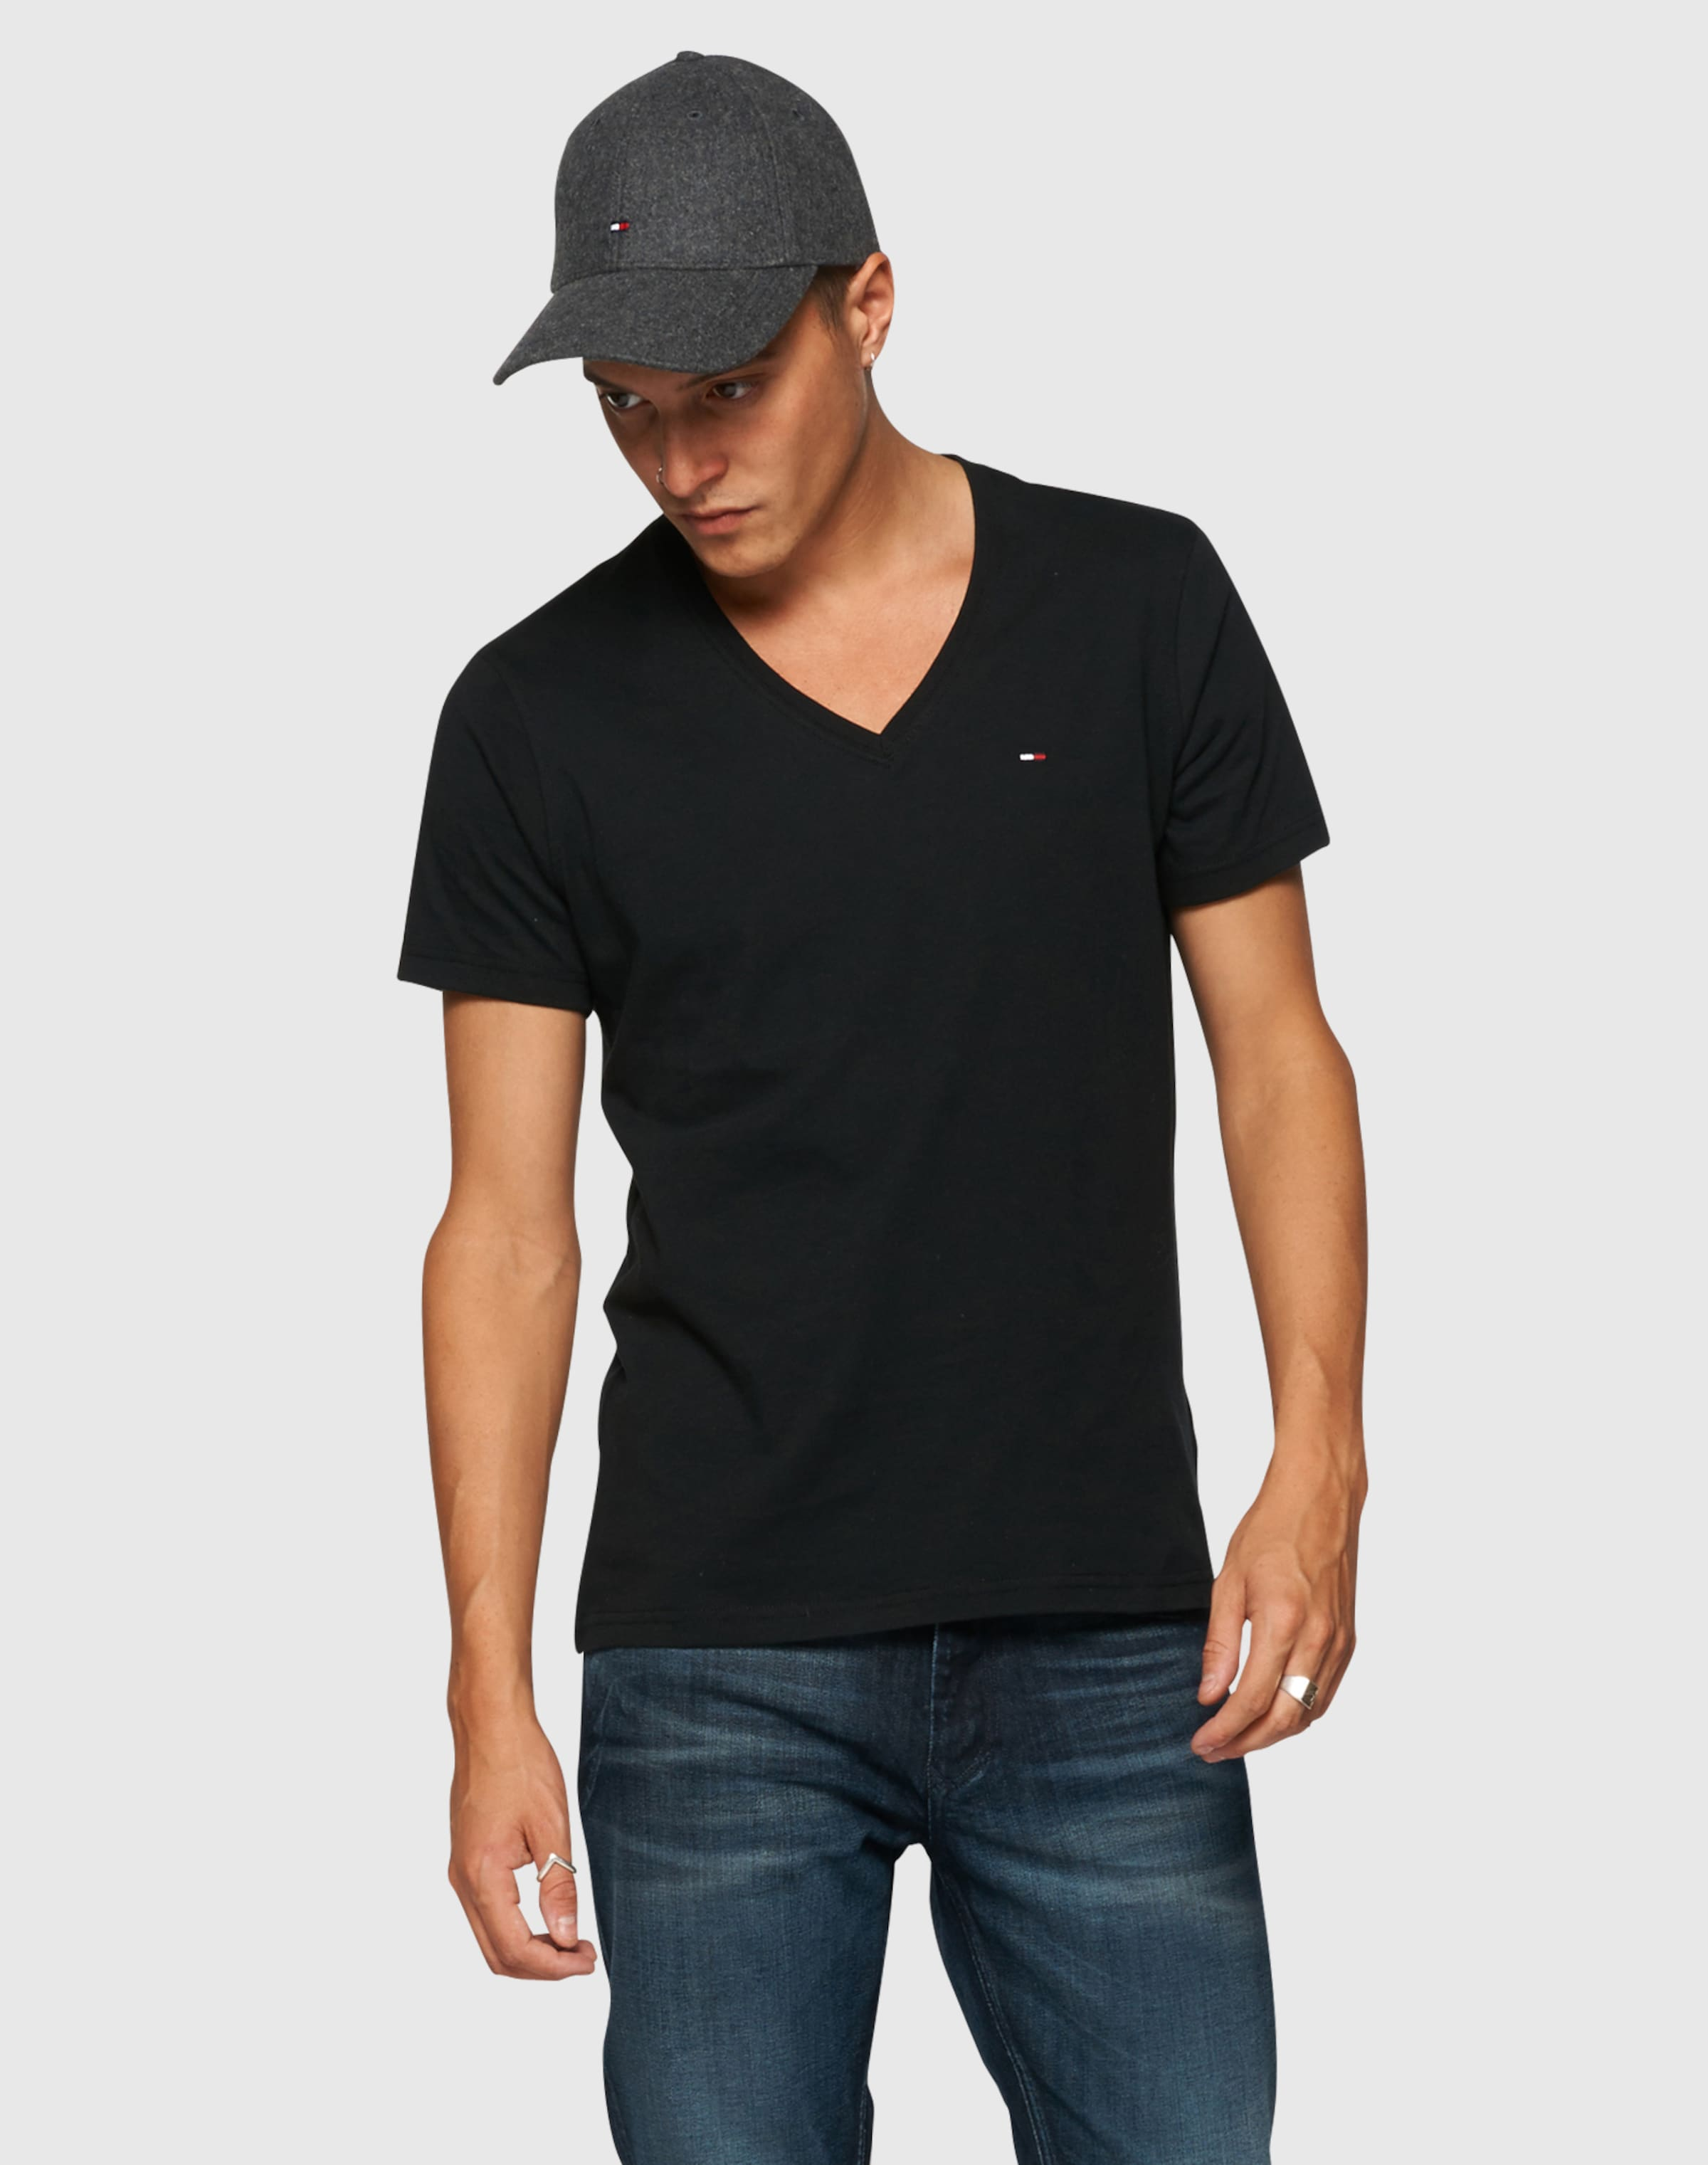 Freies Verschiffen Bester Verkauf Genießen Online-Verkauf Tommy Jeans T-Shirt mit V-Ausschnitt 'Original' Auslass Bester Verkauf Gutes Verkauf Günstiger Preis Erhalten Authentisch Günstig Online VzQwDux